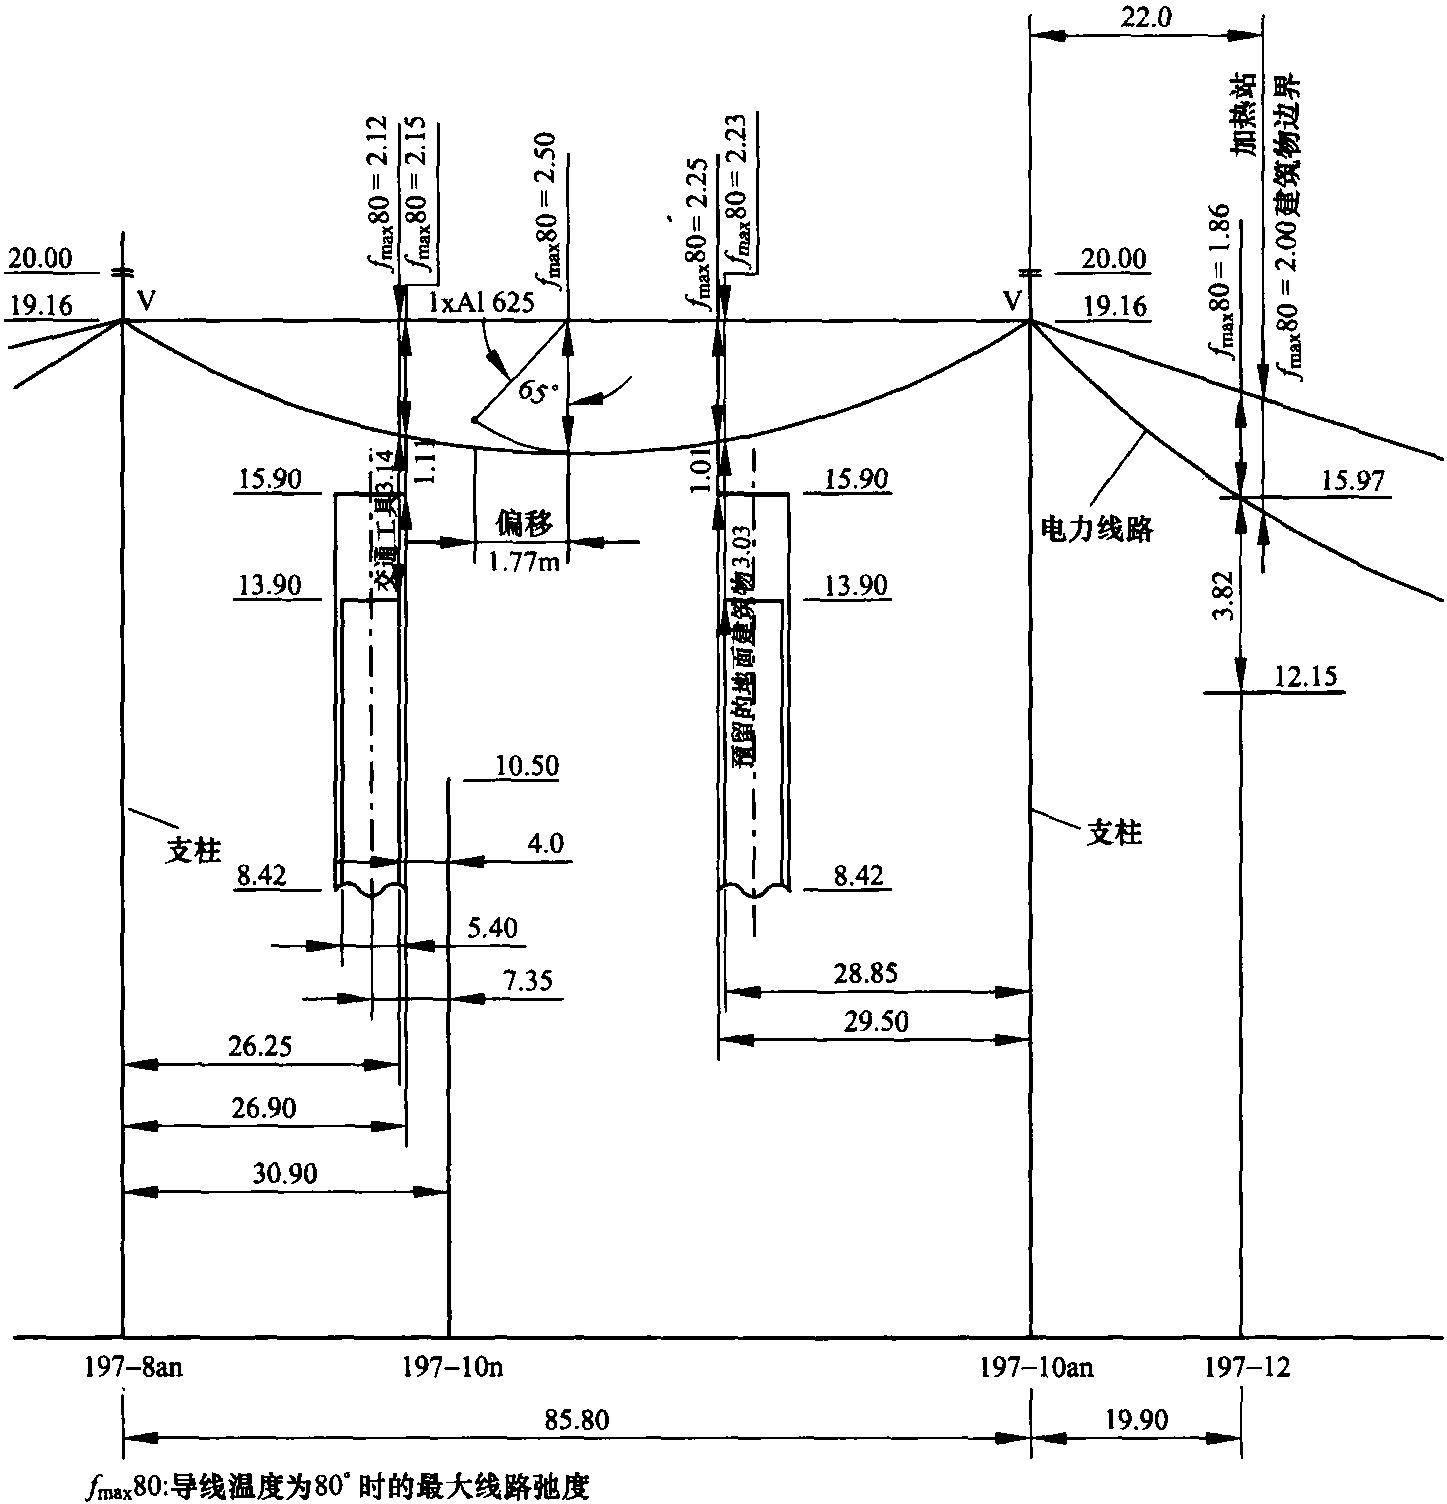 如果牵引供电线路架设到接触网支柱上,那么它们就成为接触网系统的